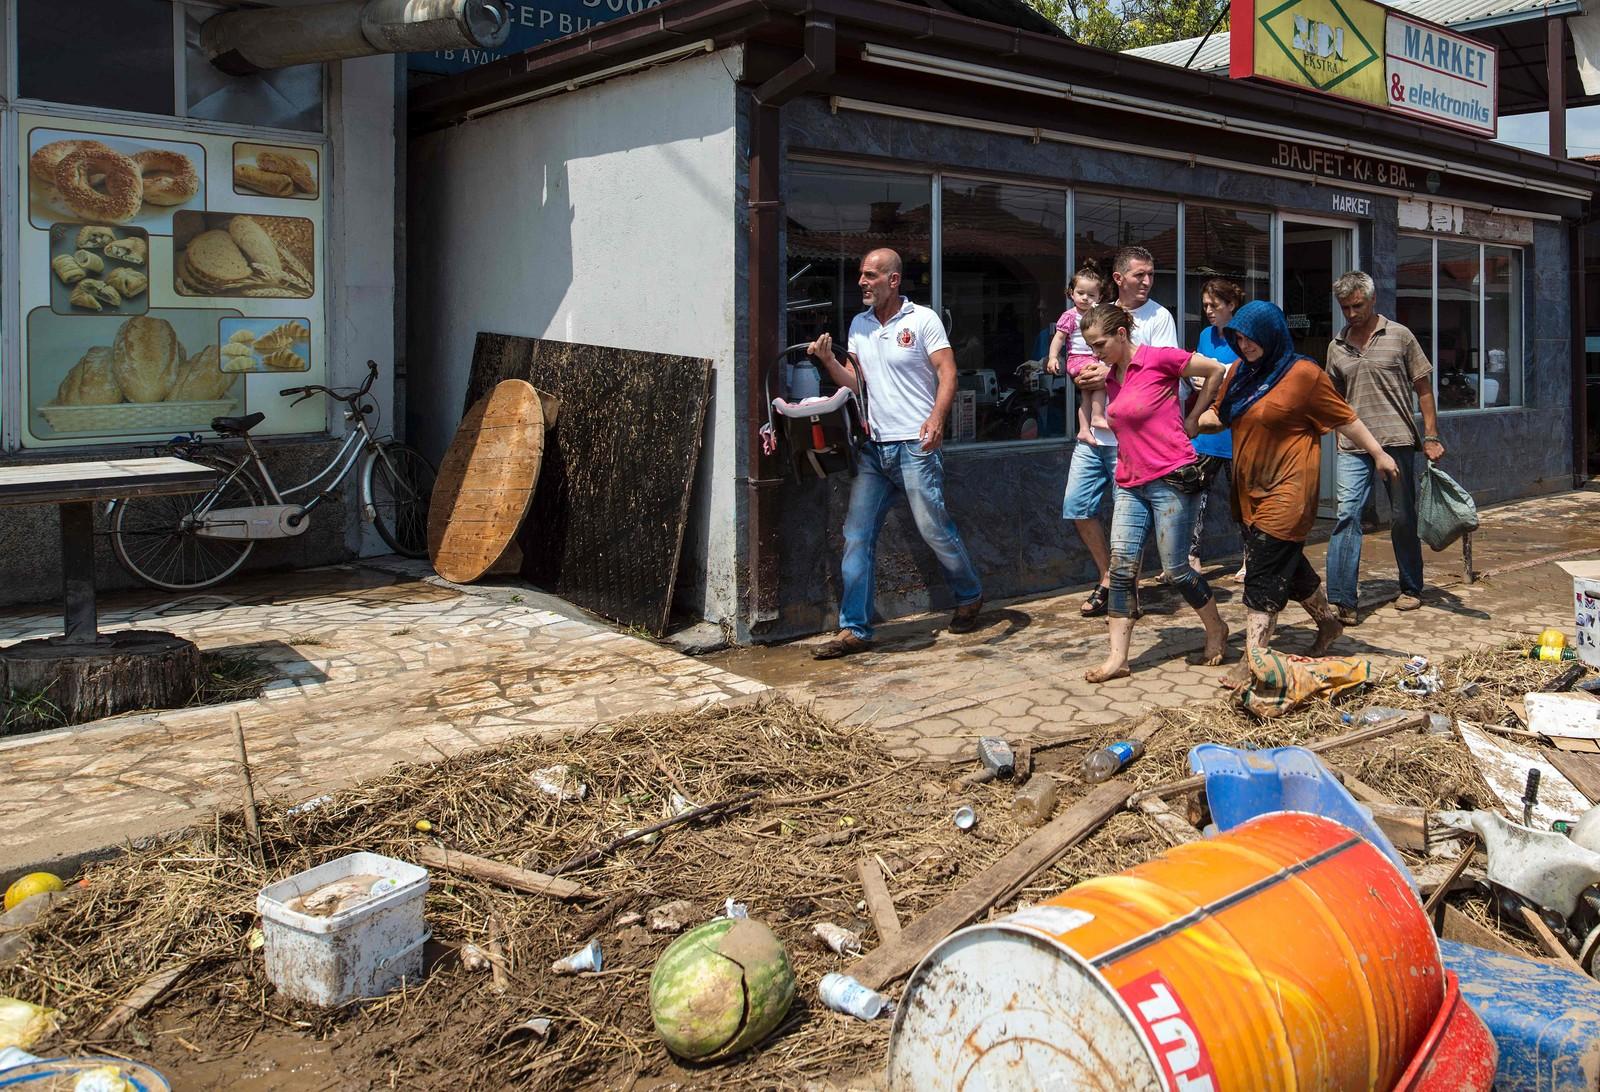 Mennesker går gjennom gjennom gater ødelagt av flommen i Stajkovci.